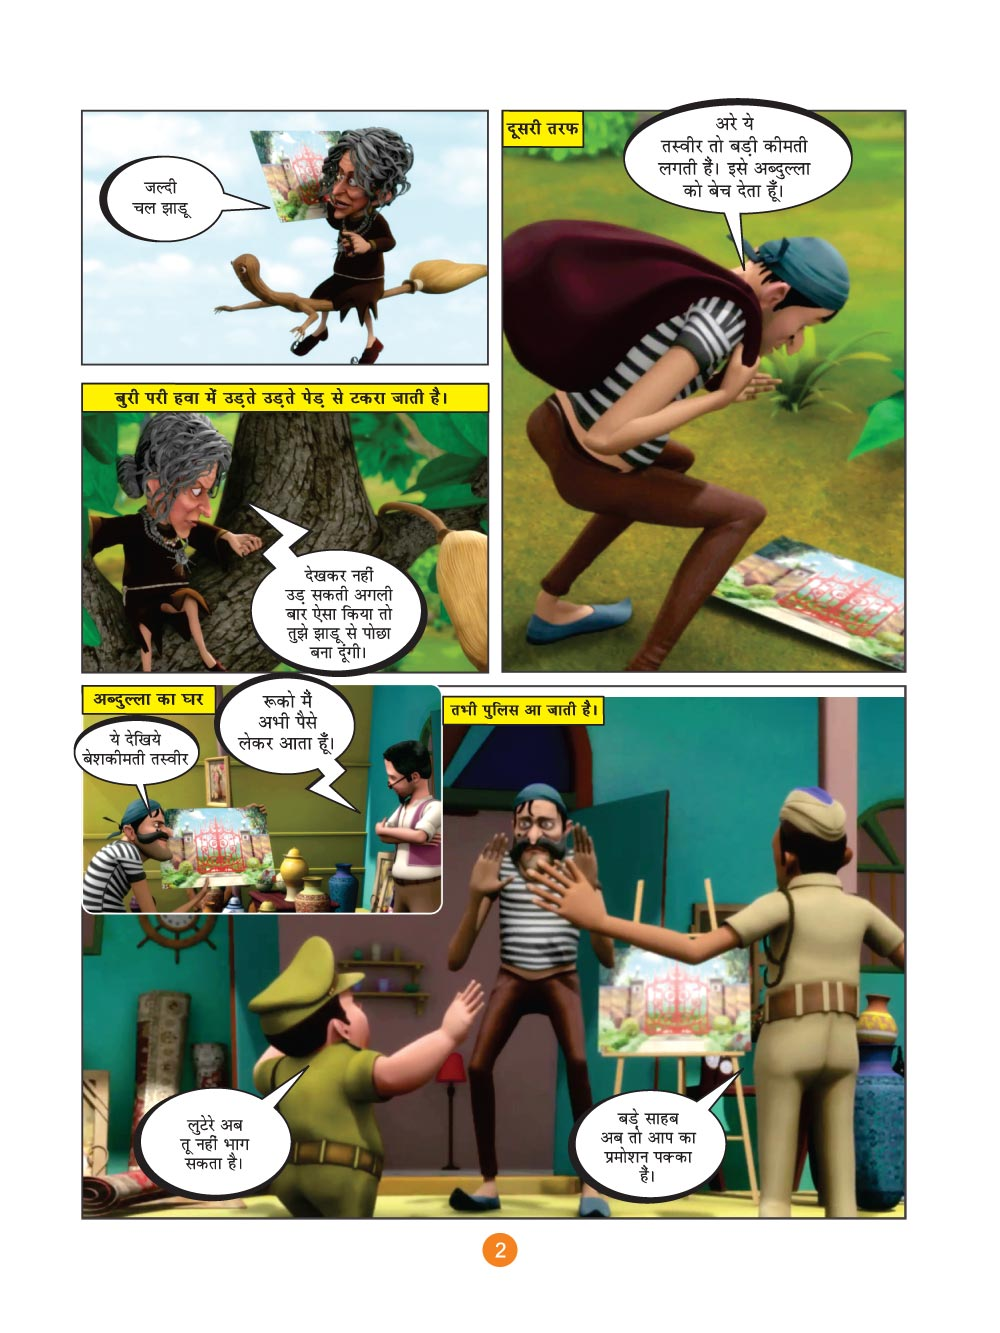 शेख चिल्ली की कॉमिक्स- जादुई तस्वीर (Sheikh Chilli Comic Hindi)